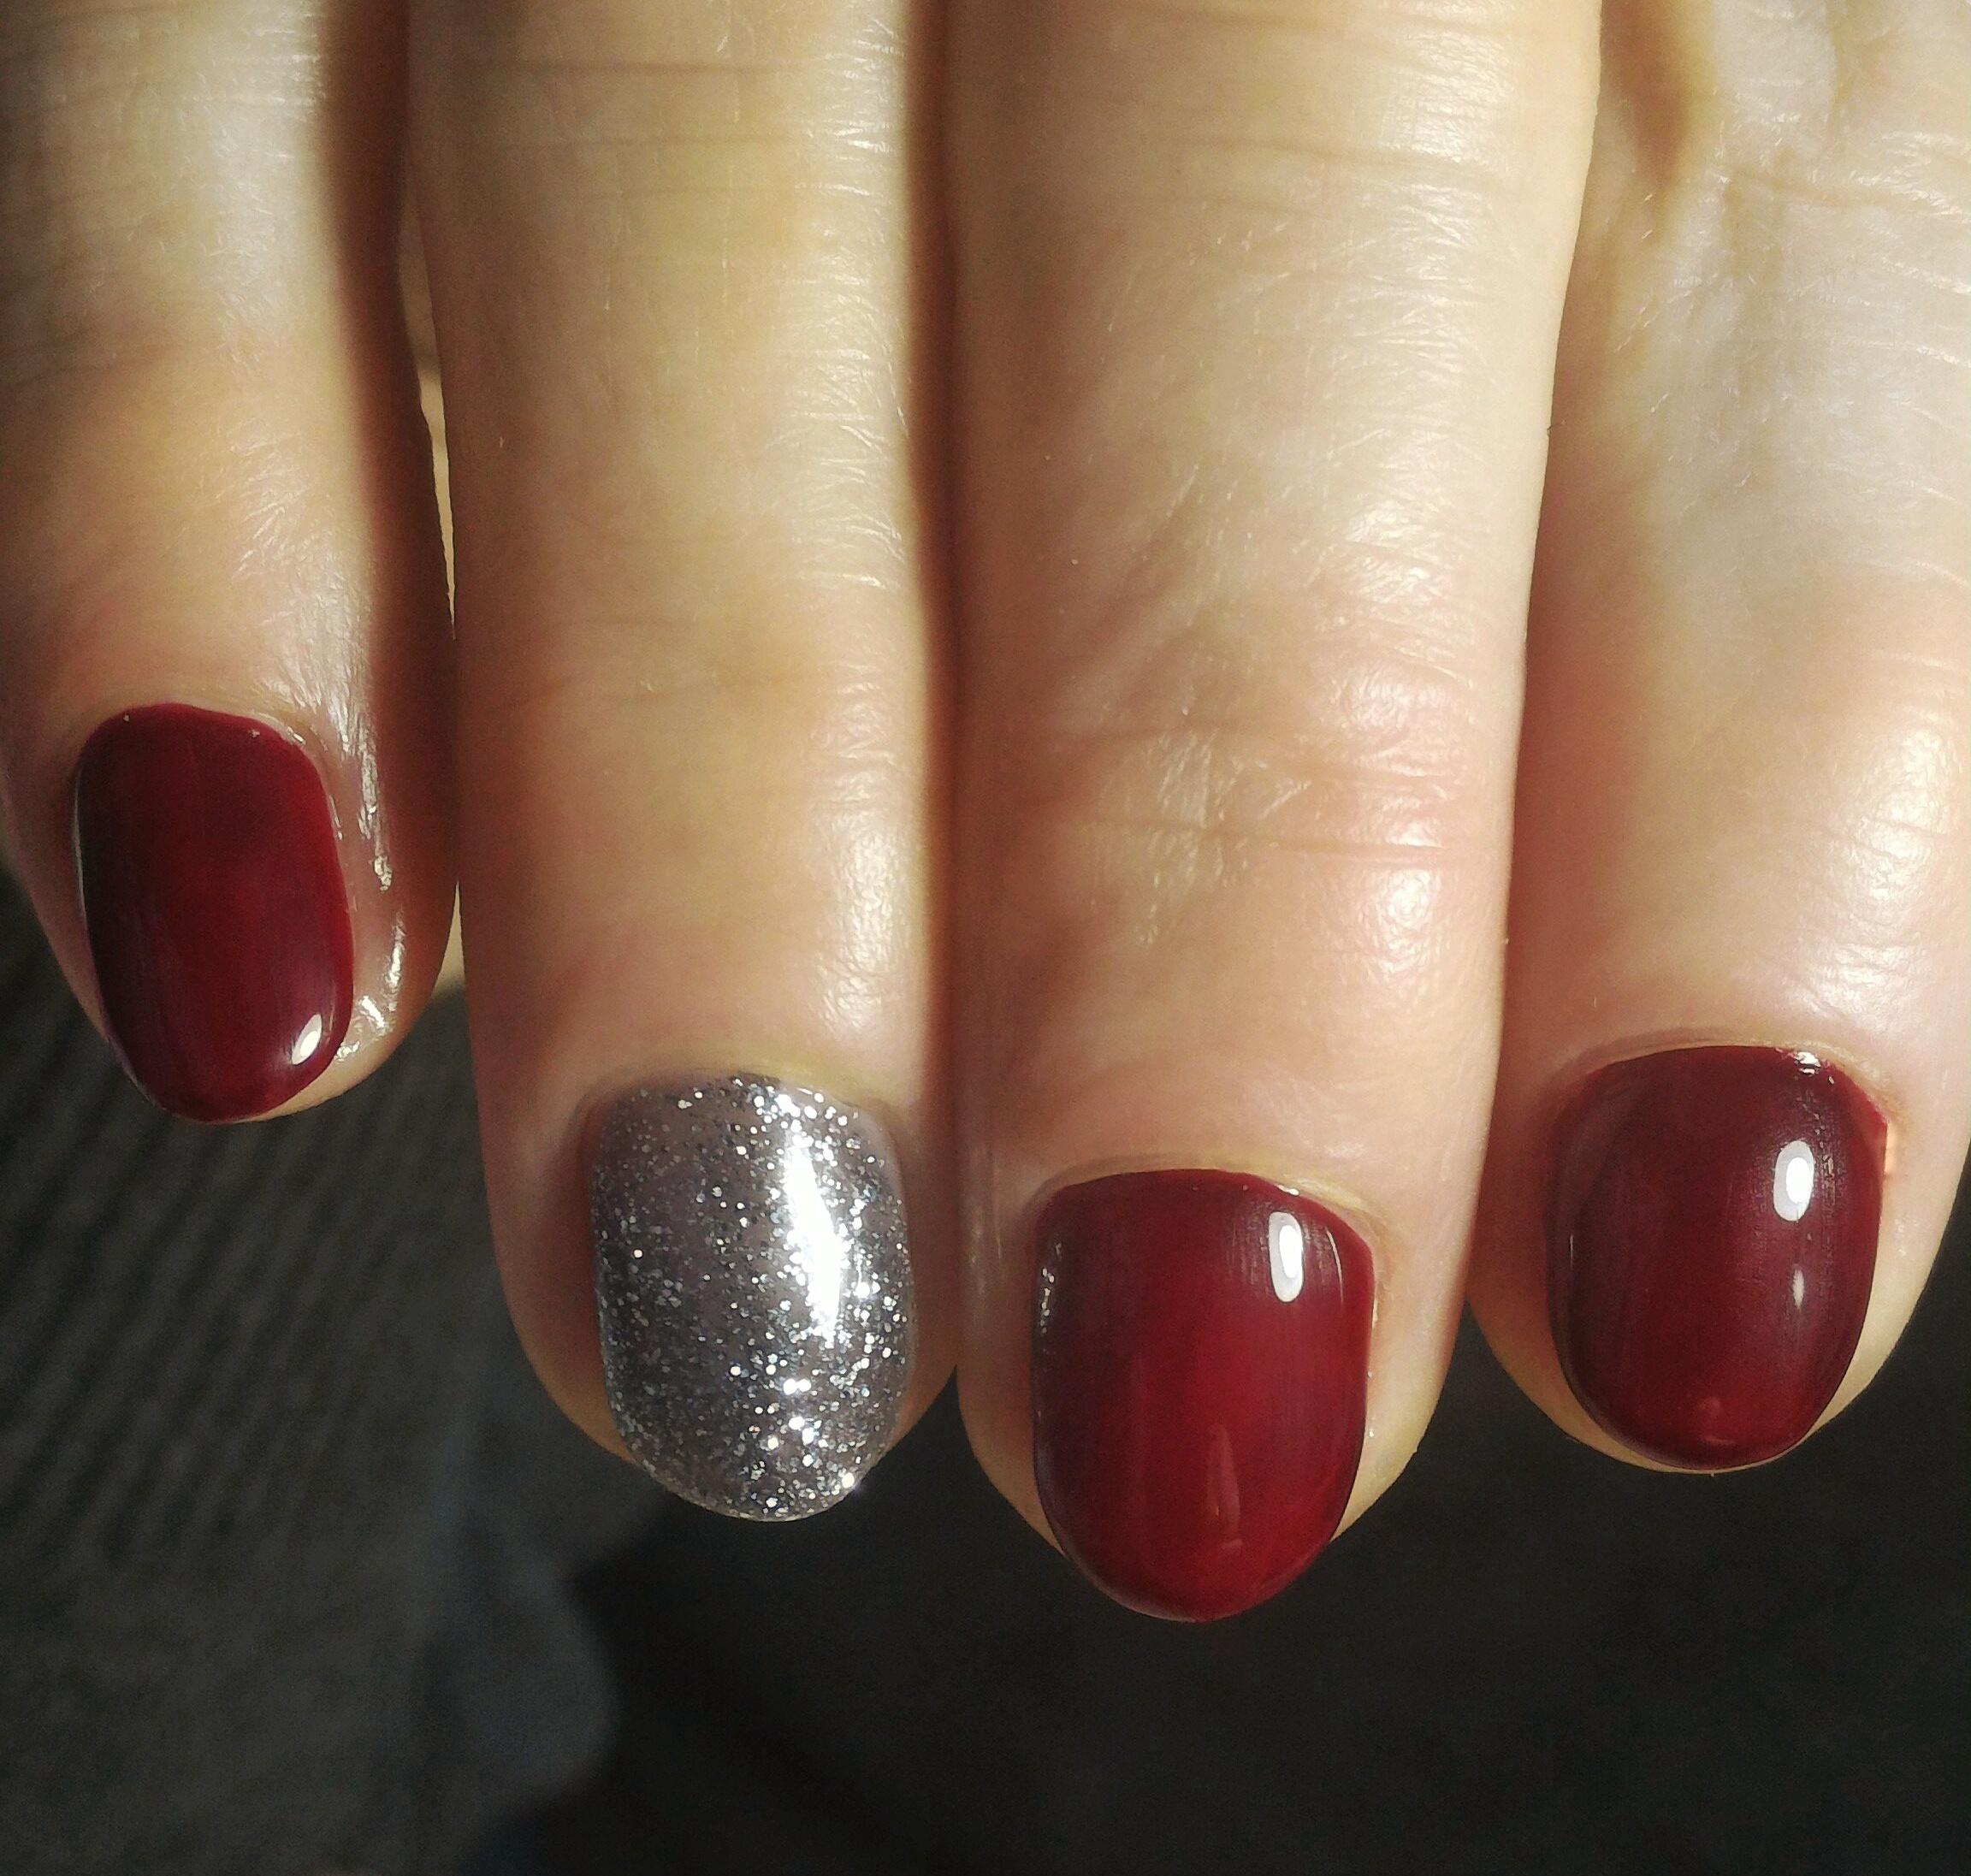 Маникюр с серебряными блестками в темно-красном цвете.